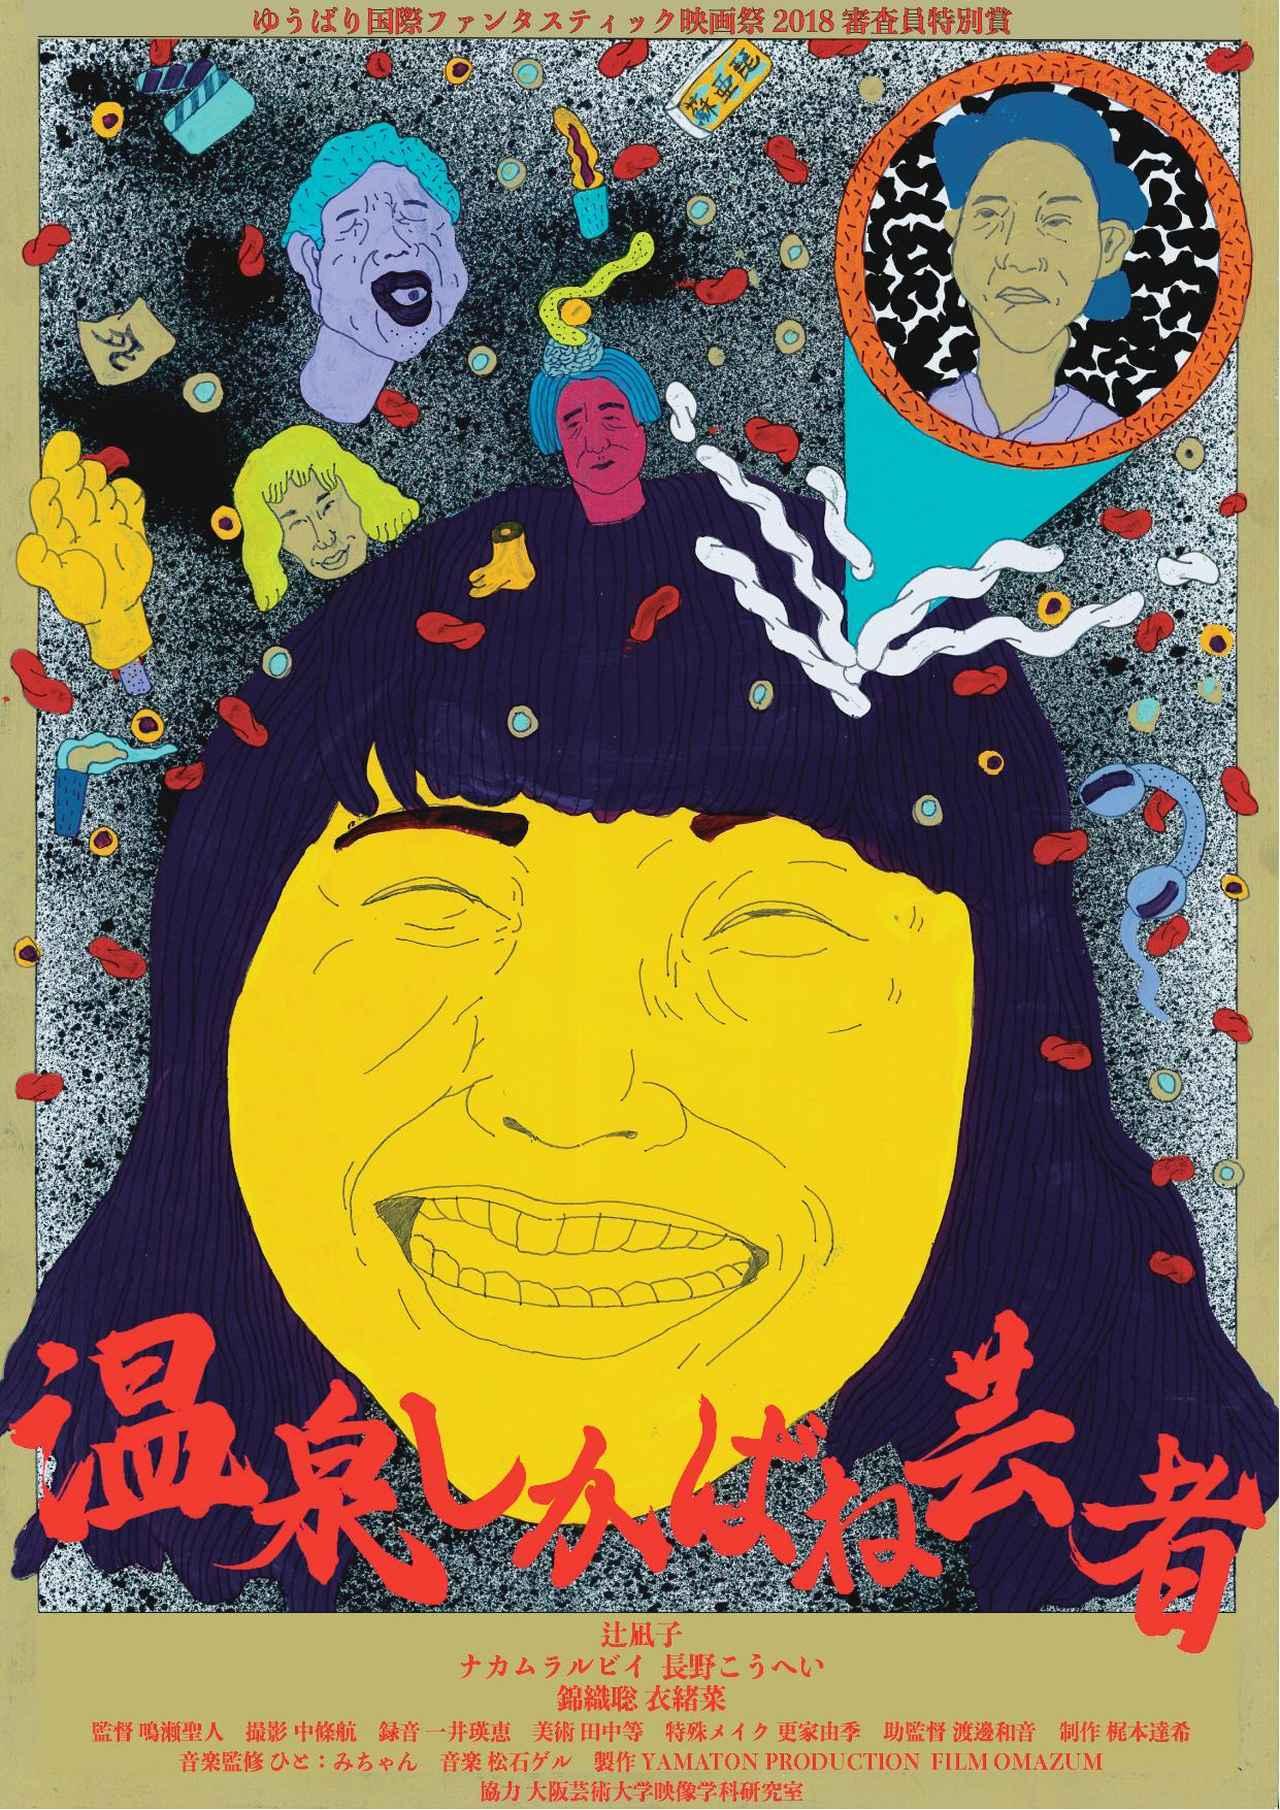 画像: 平成最後の映画奇譚、誕生!サイケデリックな世界へ観客を誘う-誰も観たことない青春トリップファンタジー爆誕!『温泉しかばね芸者』